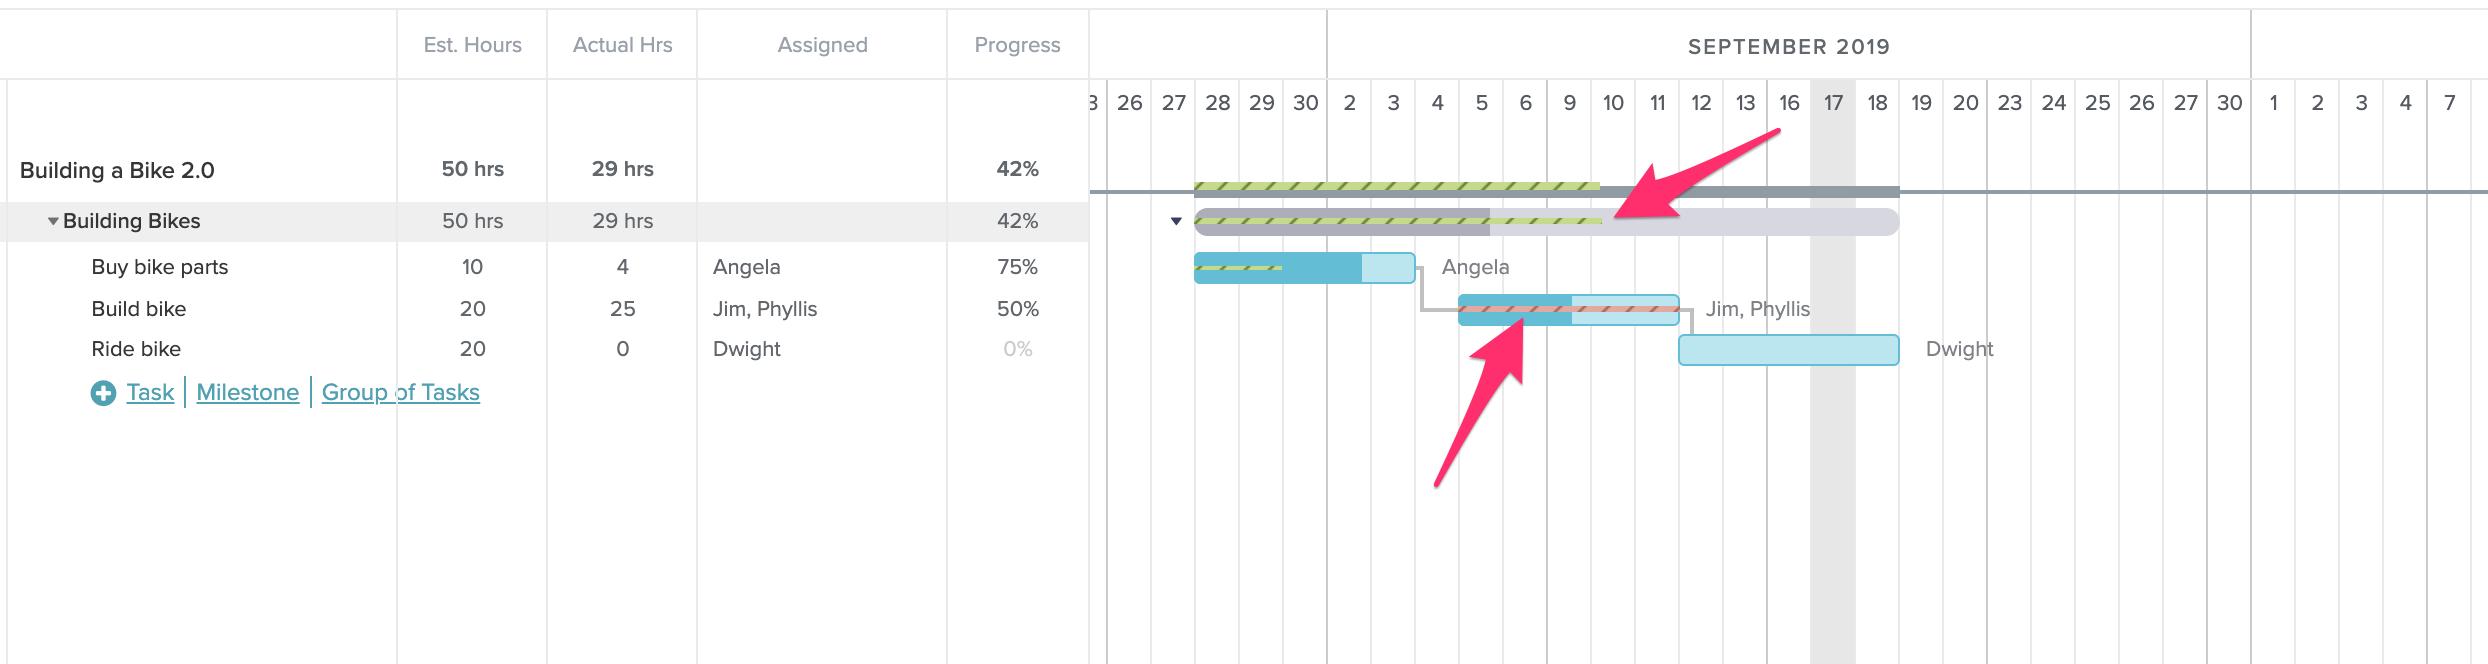 Progresso real feito em relação às horas estimadas no TeamGantt